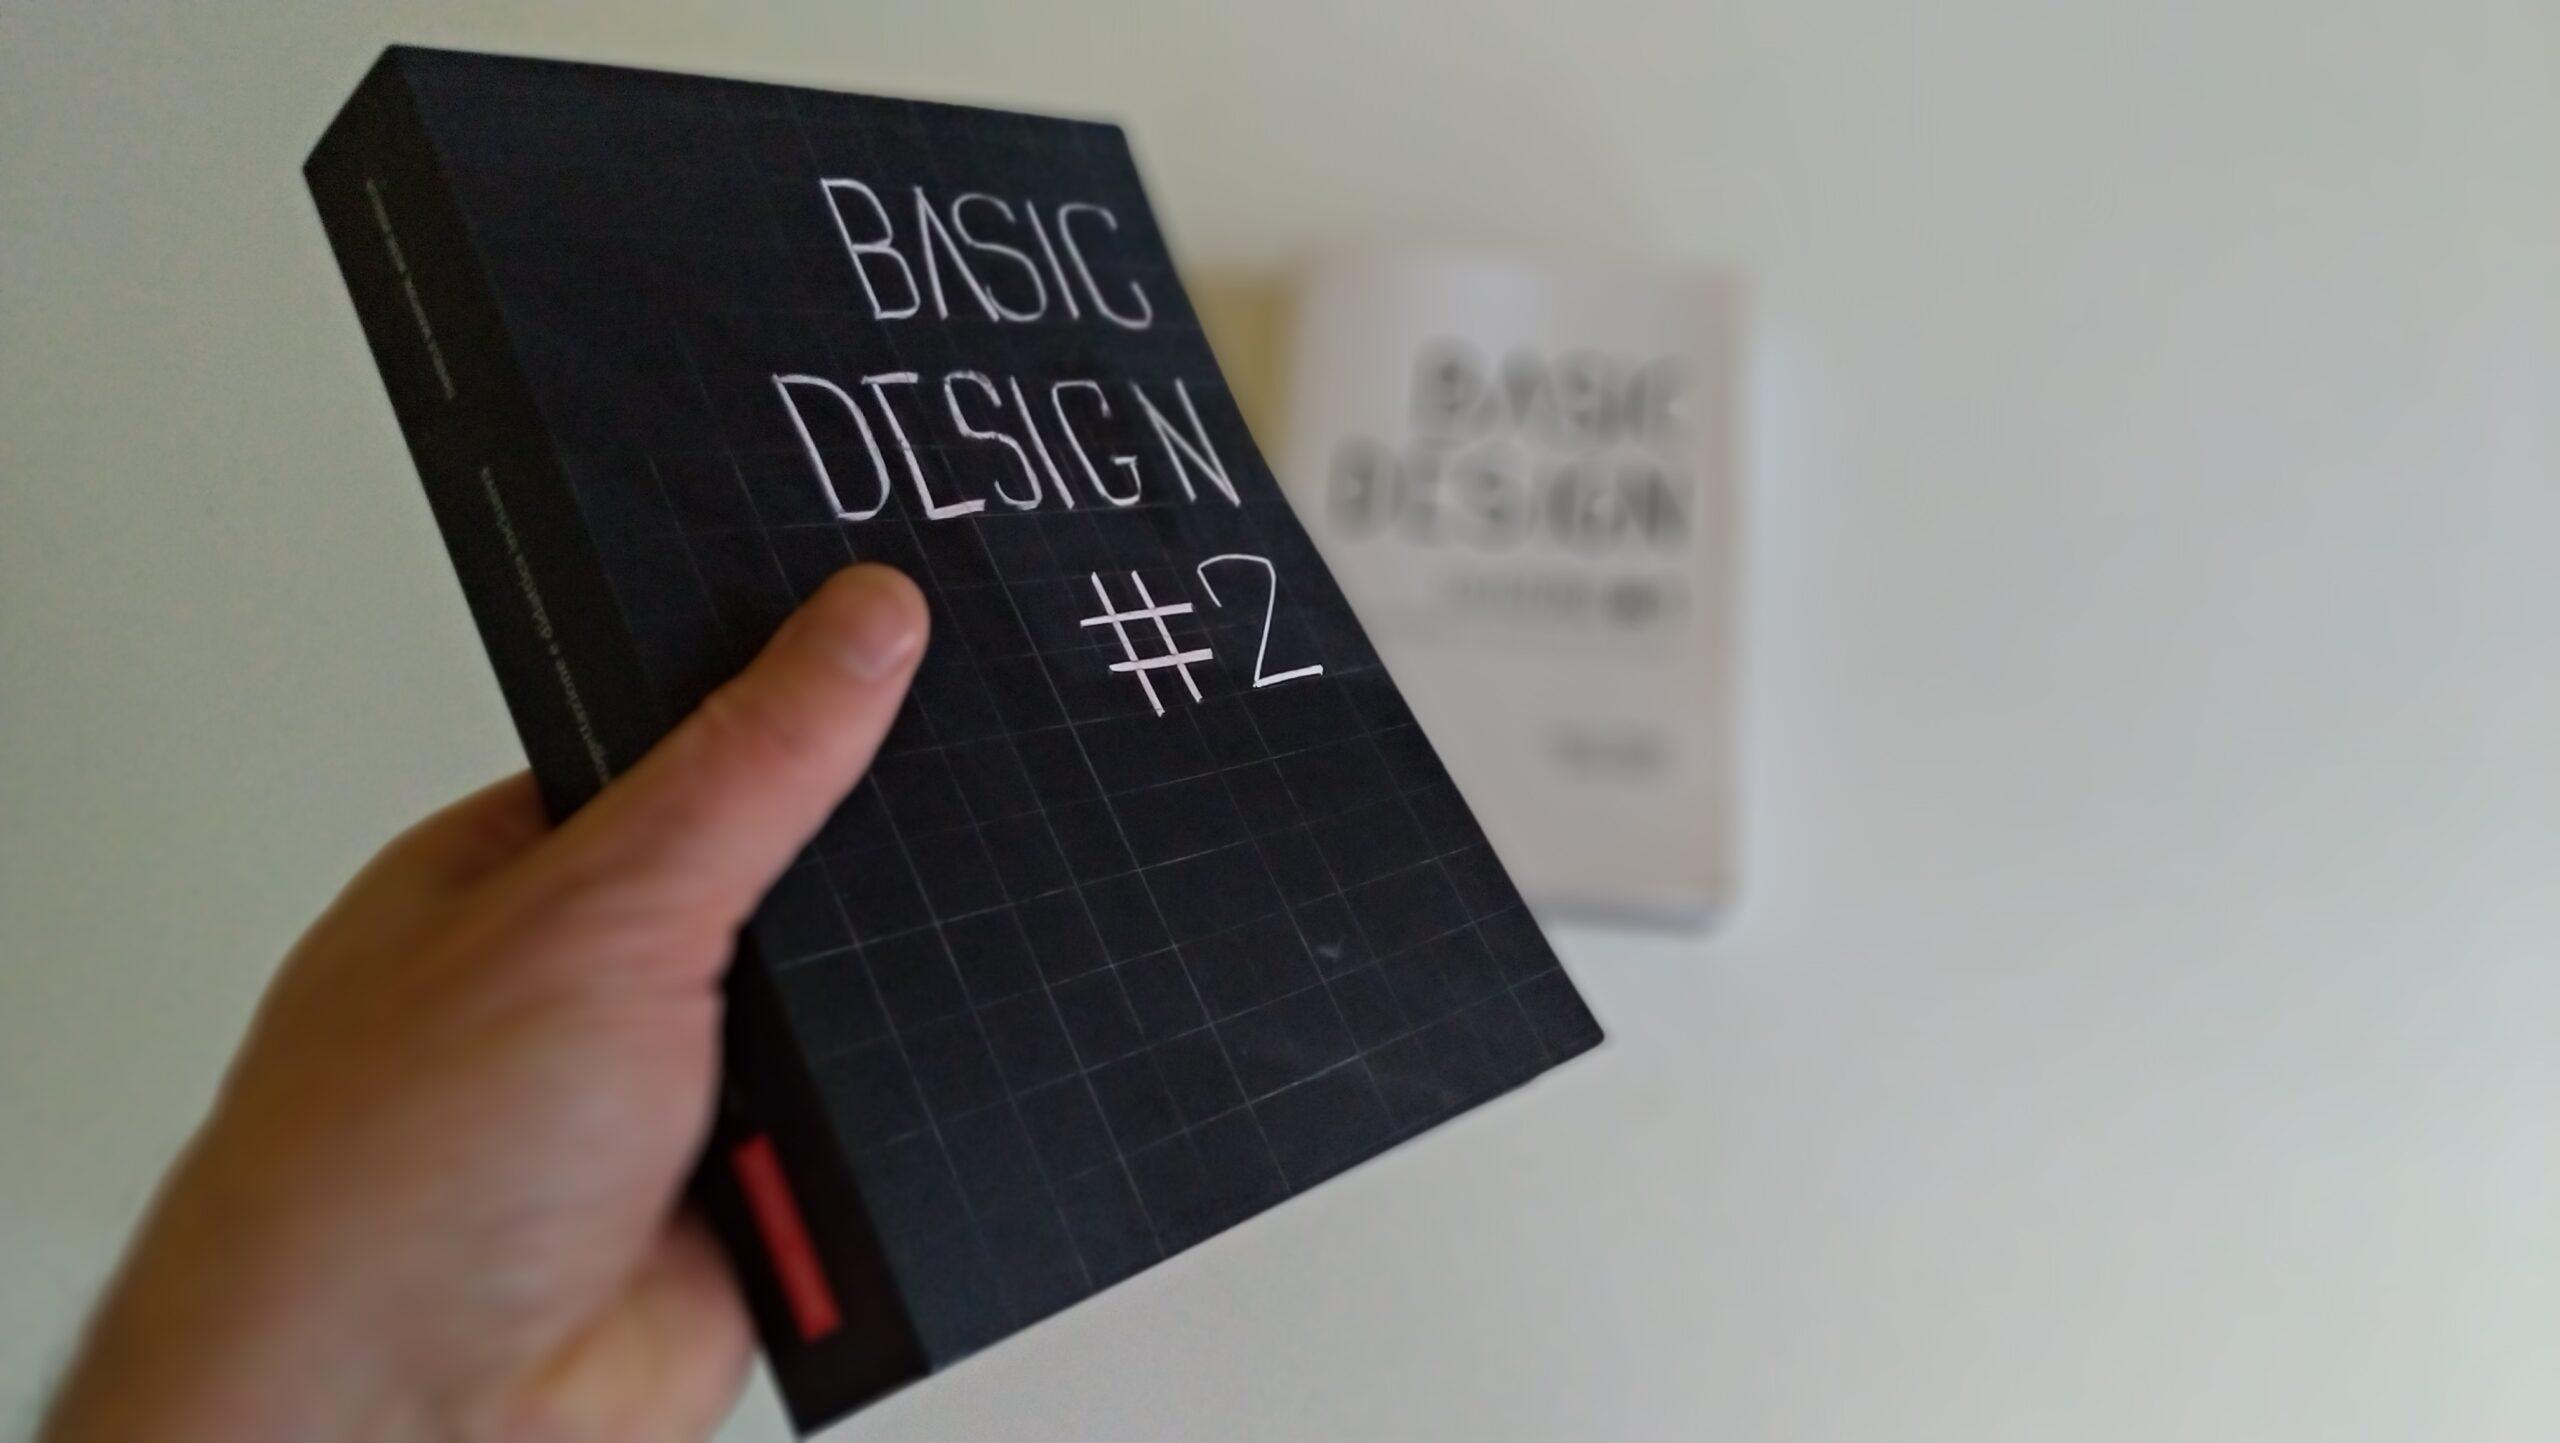 Basic Design #2 Cover